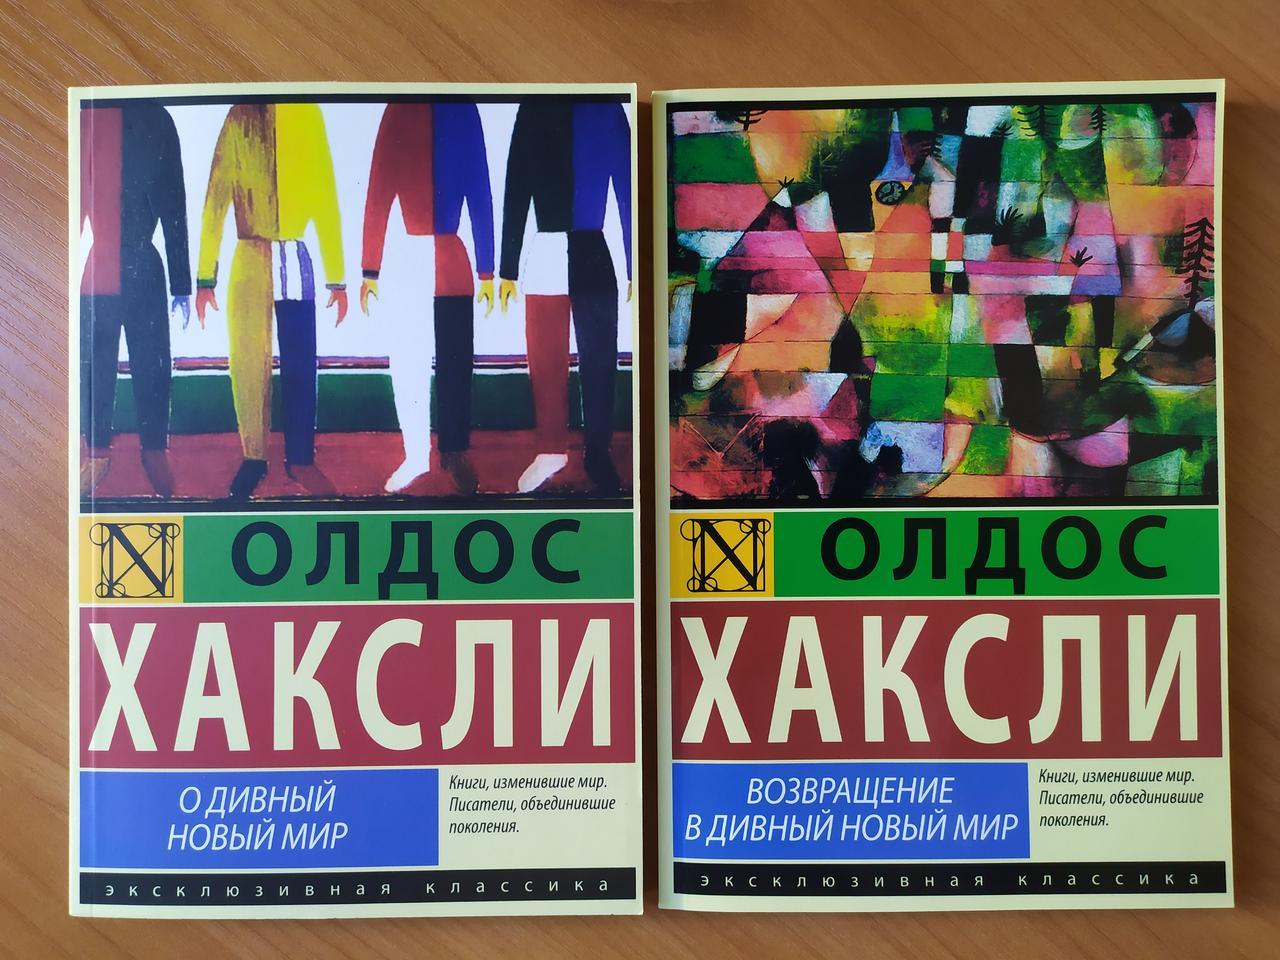 Олдос Хаксли. Комплект книг. О дивный новый мир. Возвращение в дивный новый мир